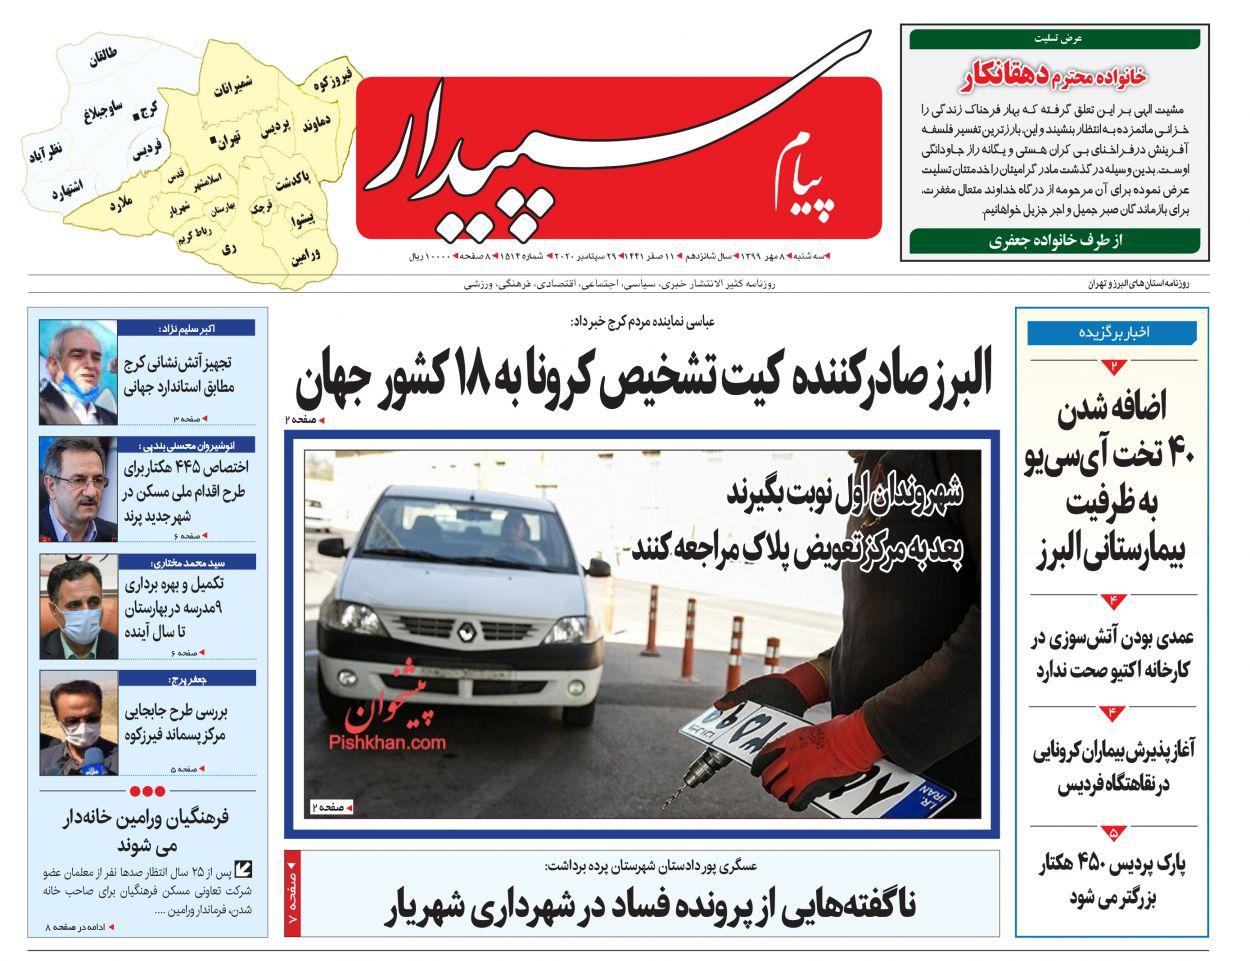 عناوین اخبار روزنامه پیام سپیدار در روز سهشنبه ۸ مهر